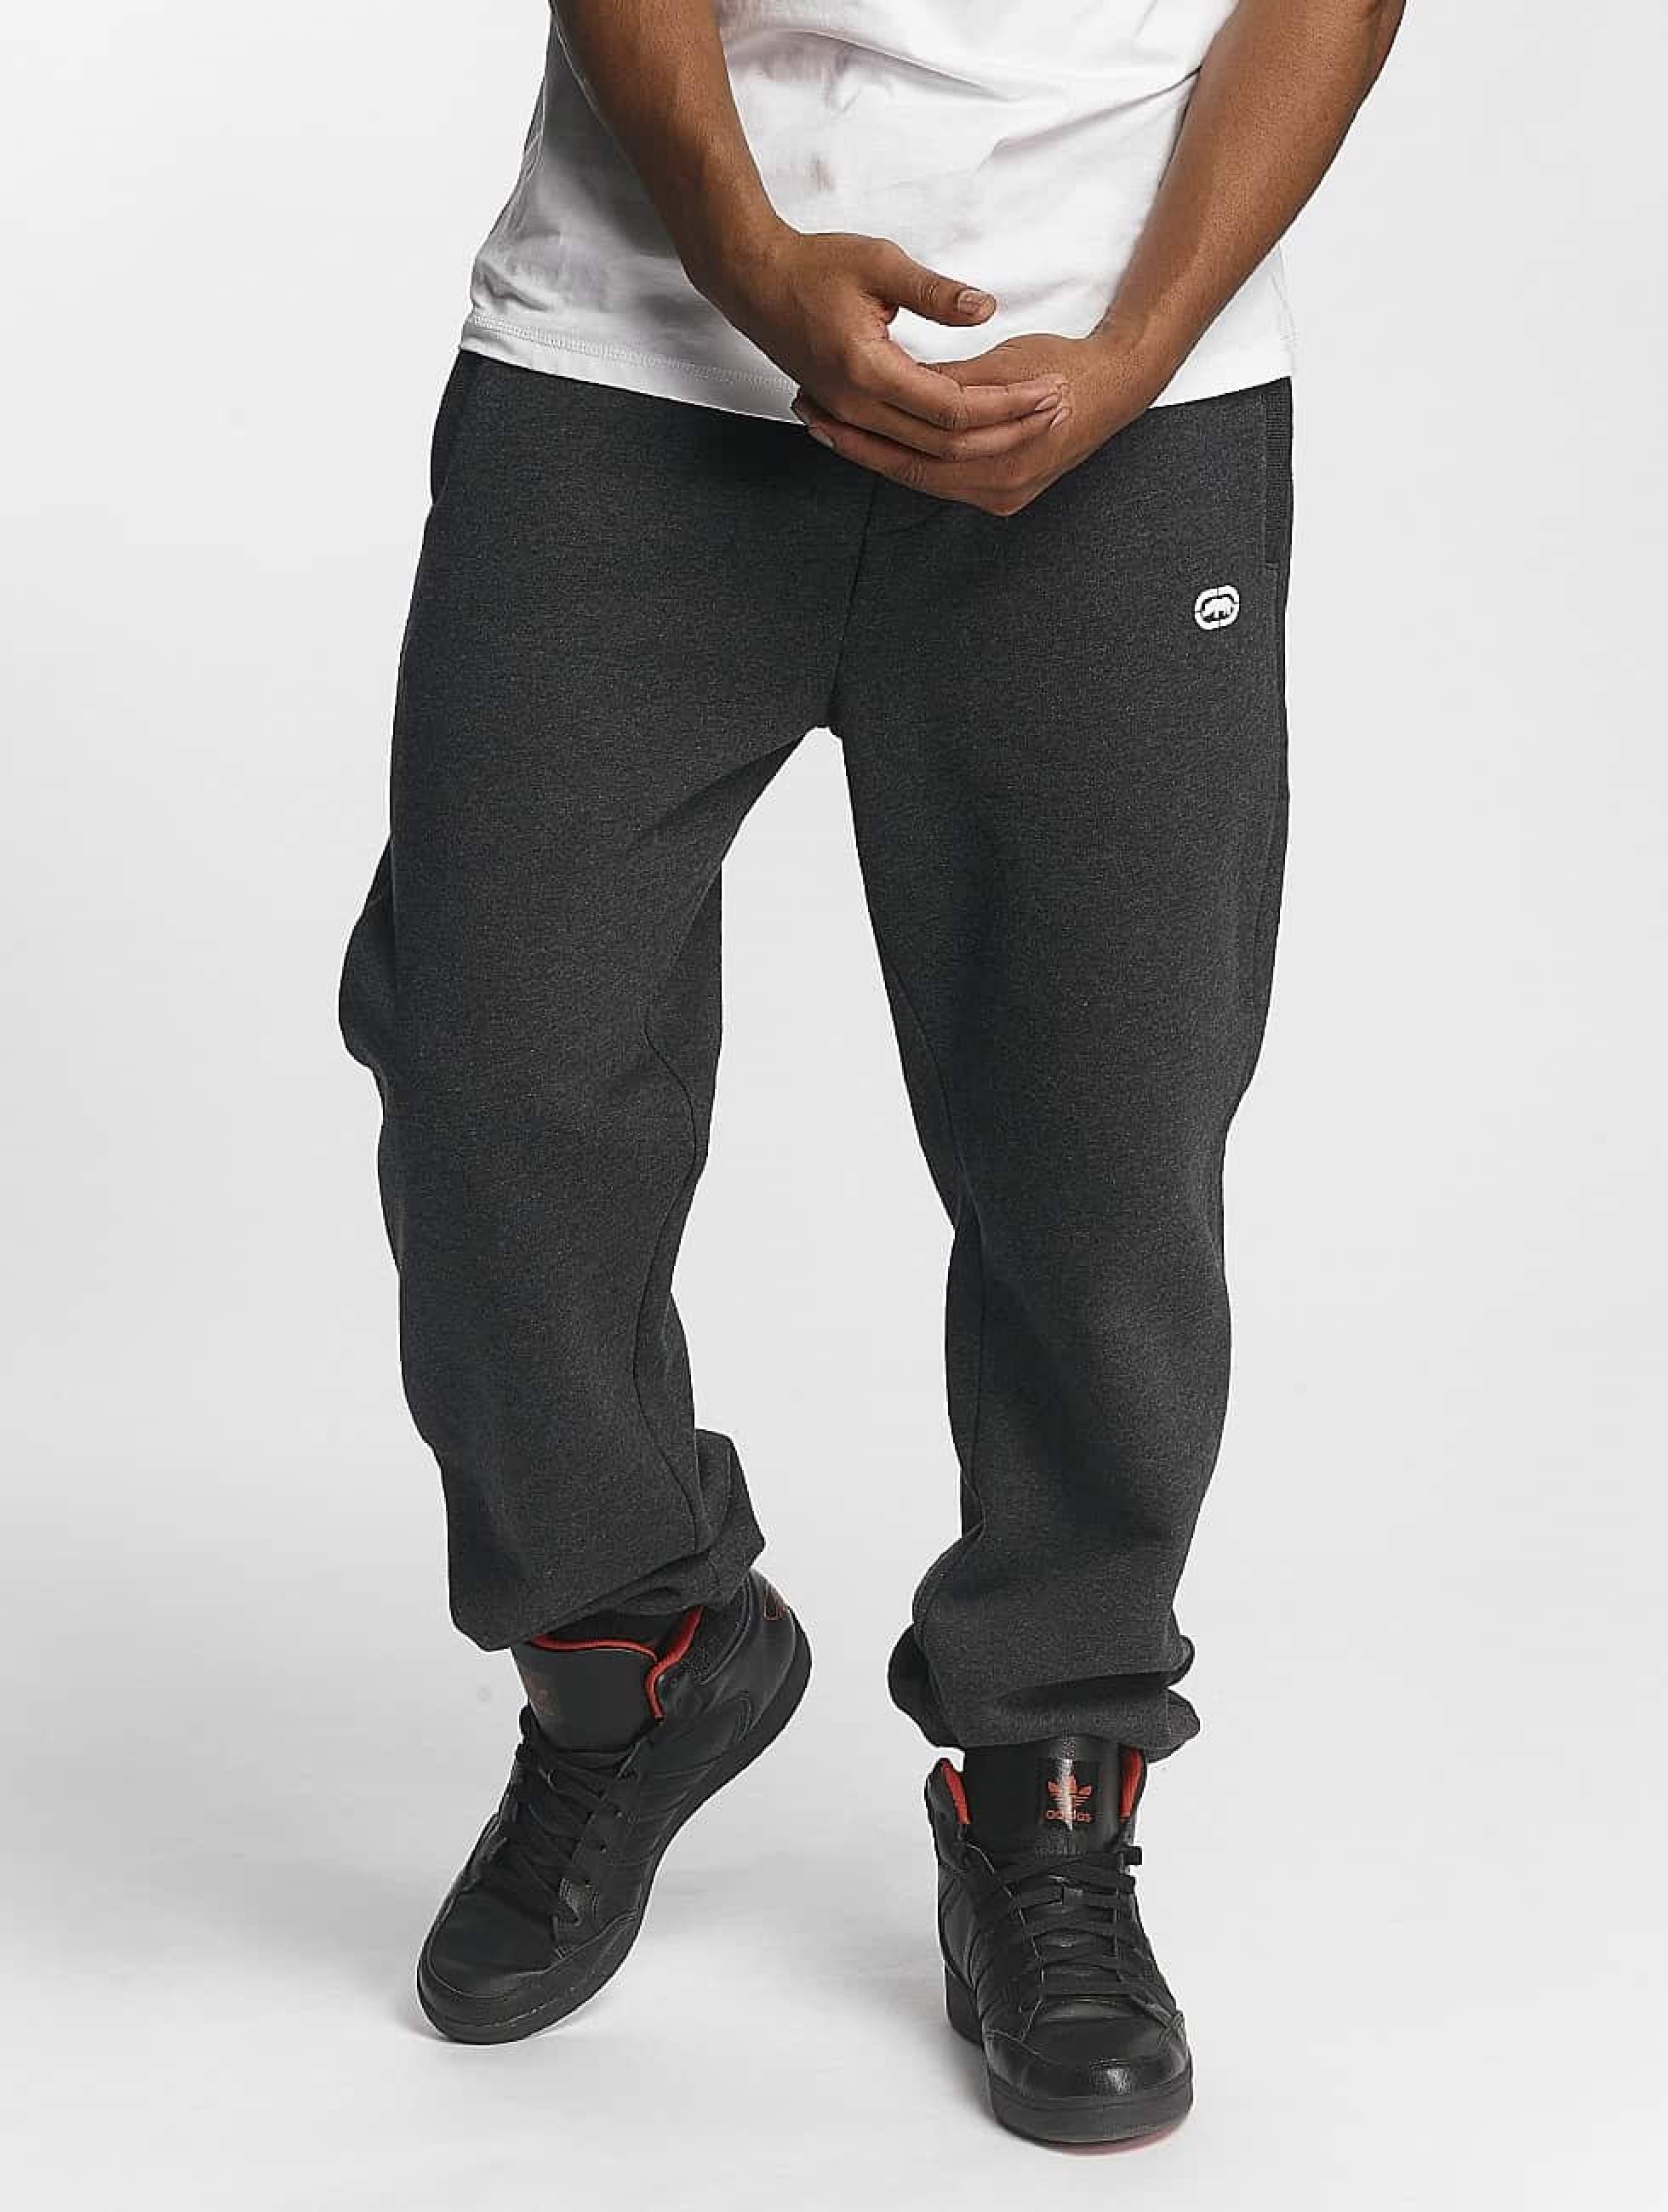 Ecko Unltd. / Sweat Pant Base in grey 6XL